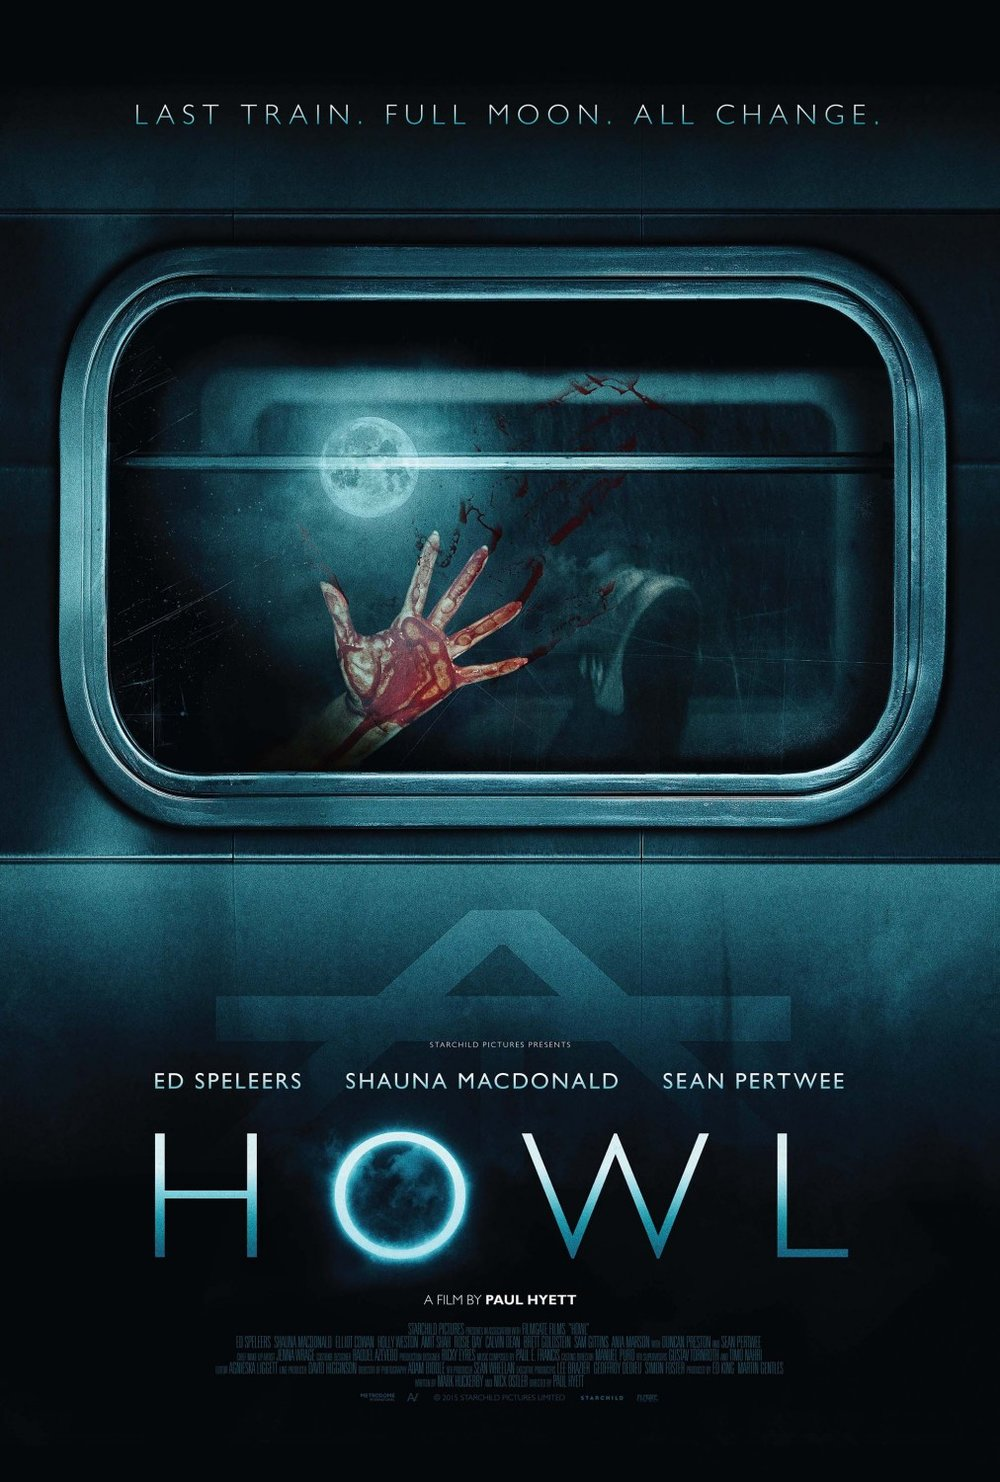 howl_xlg.jpg